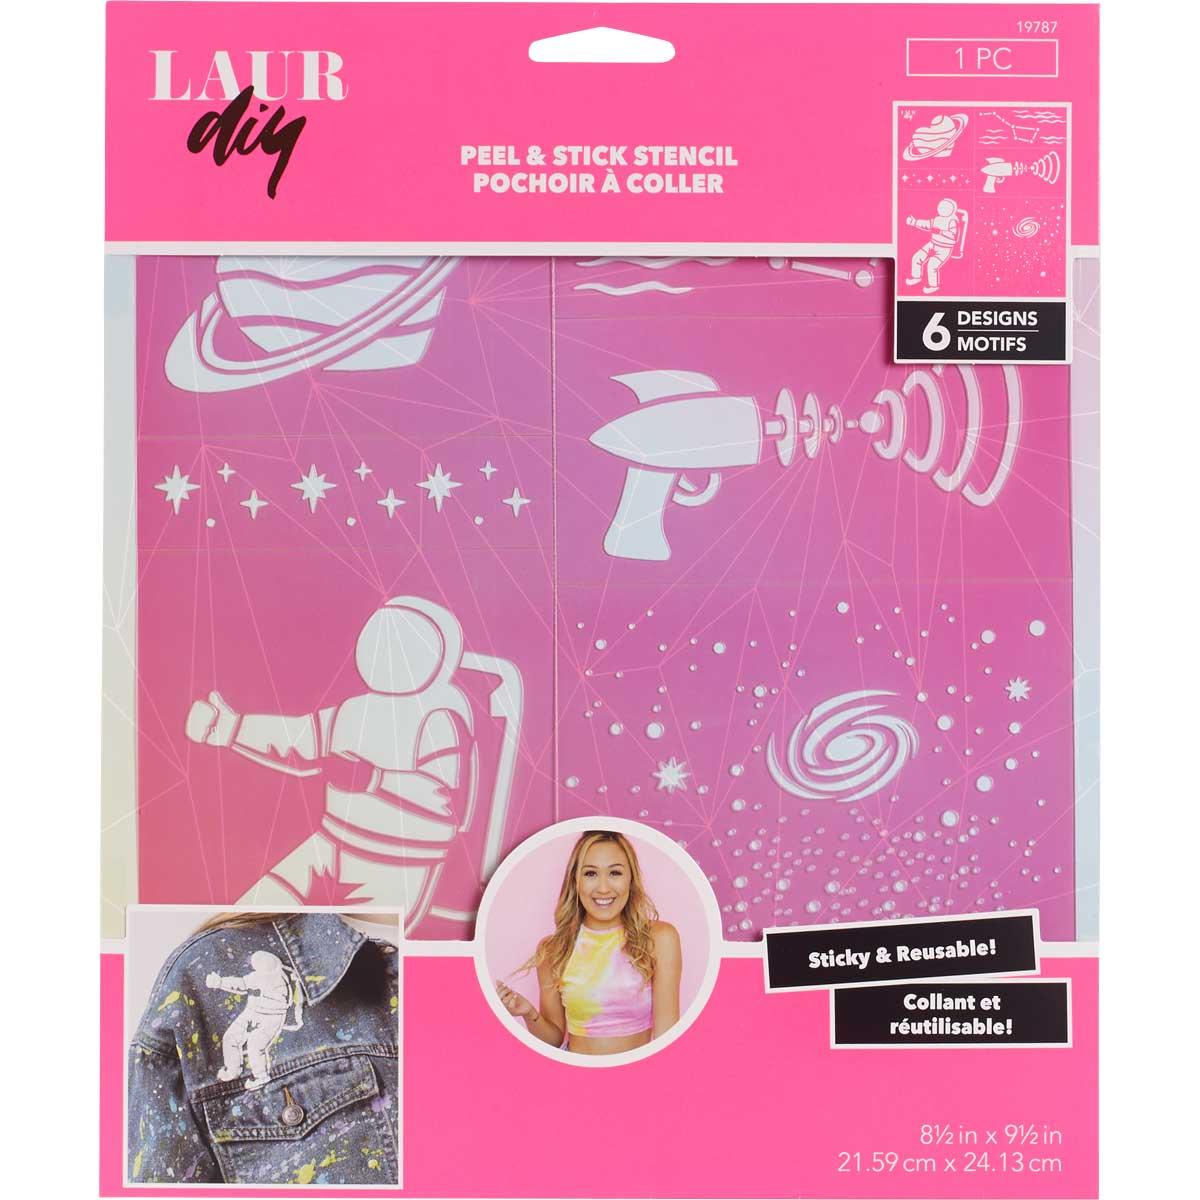 LaurDIY ® Peel & Stick Stencils - Large - Galaxy Gurl